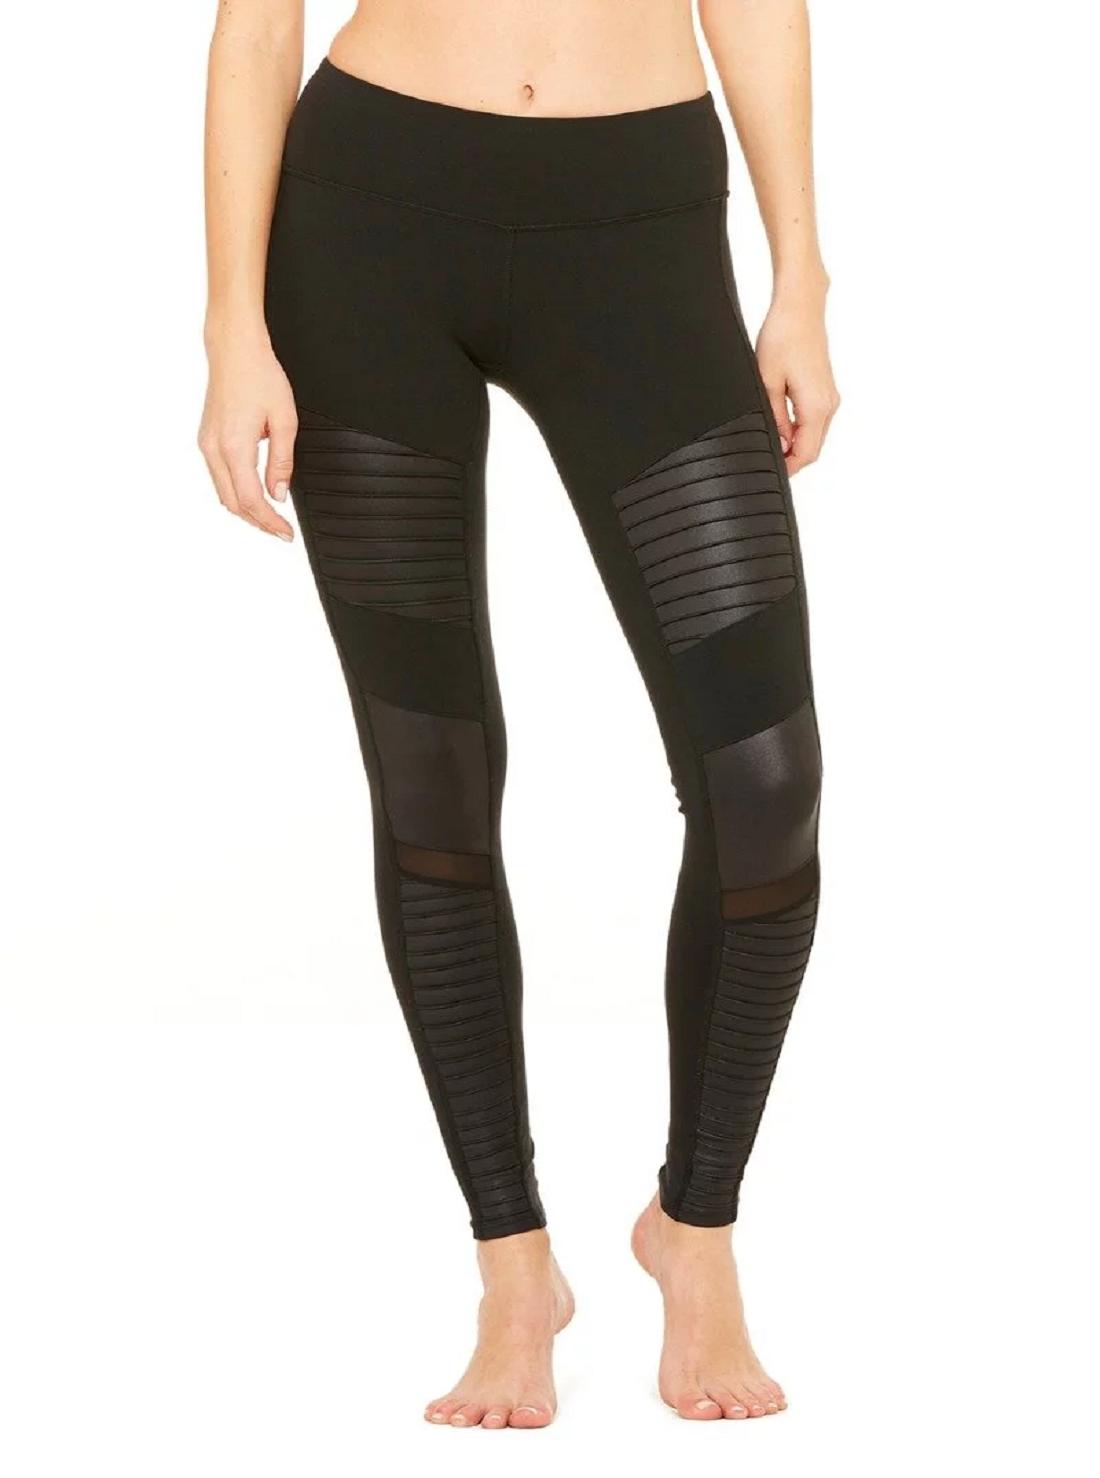 2 Wholesale Yoga Faux Leather Pants